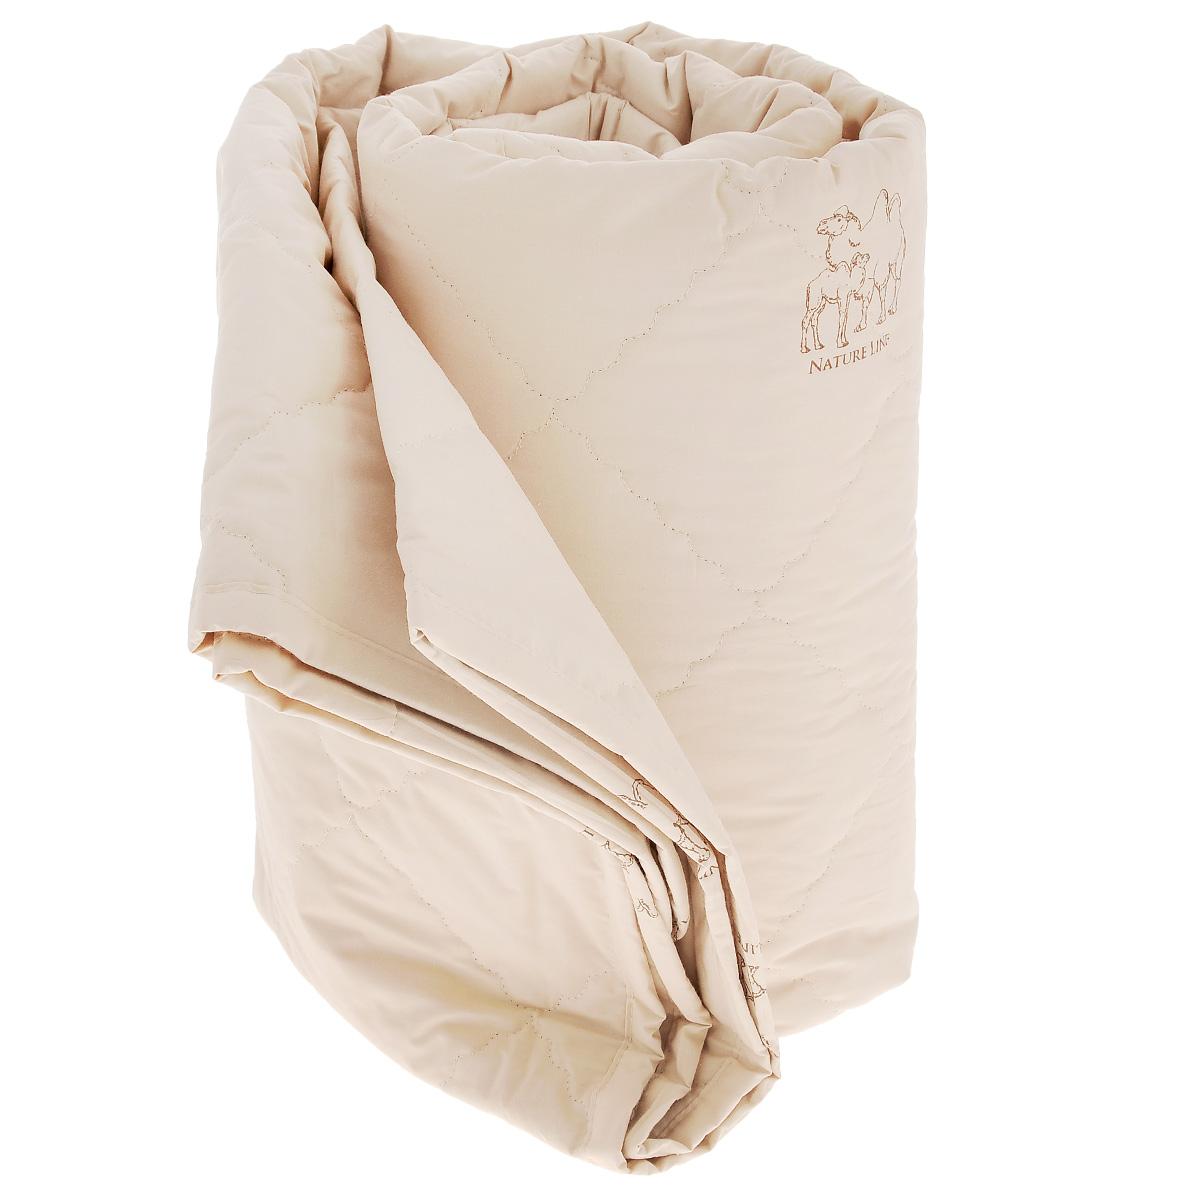 Одеяло La Prima Верблюжья шерсть, наполнитель: верблюжья шерсть, полиэфирное волокно, цвет: темно-бежевый, 140 см х 205 см531-401Одеяло La Prima Верблюжья шерсть - это выбор тех, кто заботится о своем здоровье, поскольку оно отличается не только теплотой и мягкостью, но и своими целебными свойствами. Чехол выполнен из 100% хлопка. Наполнитель - с натуральной верблюжьей шерстью. Одеяло из верблюжьей шерсти подарит вам абсолютный комфорт во время сна, так как оказывает положительное влияние на организм человека. Оно создает эффект сухого тепла, прогревая мышцы и суставы, успокаивает и снимает усталость. Одеяло из верблюжьей шерсти теплее, прочнее и при одинаковом объеме значительно легче овечьей шерсти. Оно гипоаллергенно и рекомендовано для профилактики и лечения многих заболеваний. Материал чехла: 100% хлопок. Наполнитель: верблюжья шерсть, полиэфирное волокно. Размер: 140 см х 205 см.